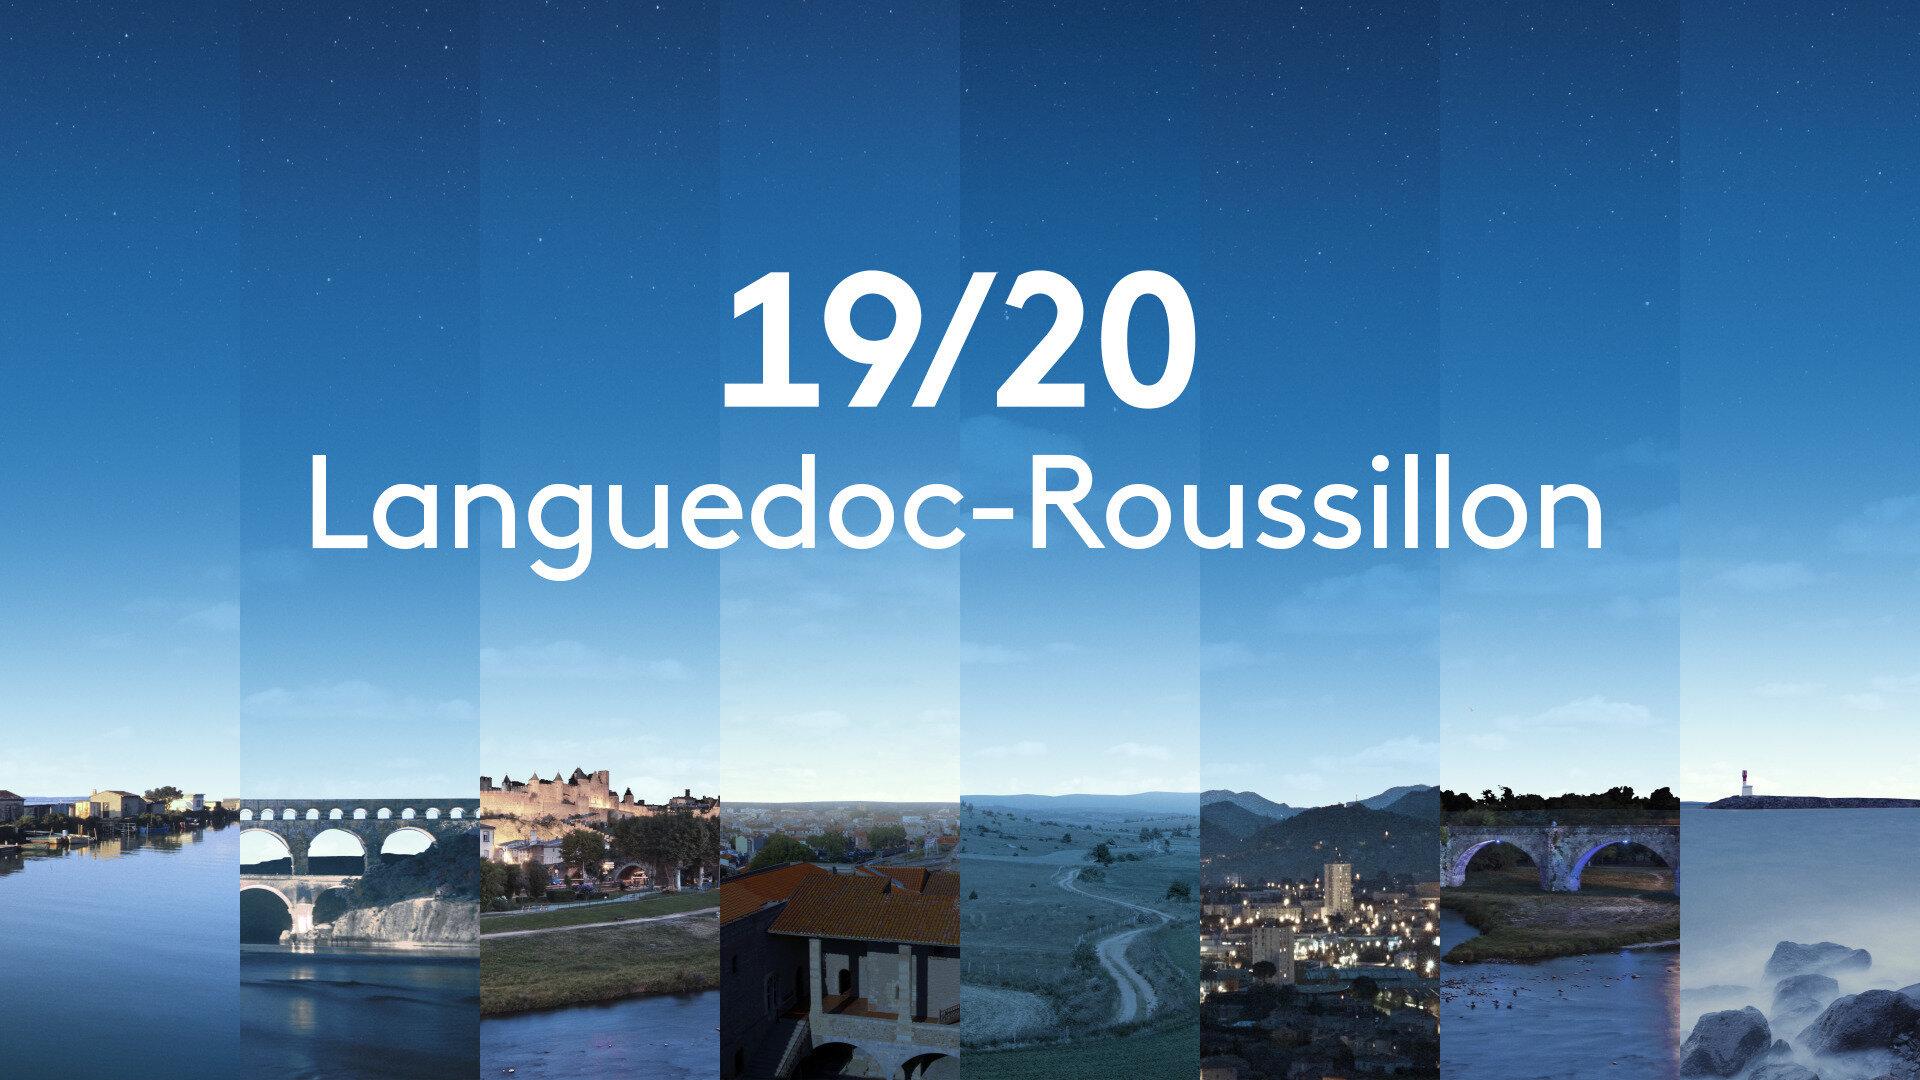 19/20 Languedoc-Roussillon : Commémoration des 20 ans de la catastrophe AZF